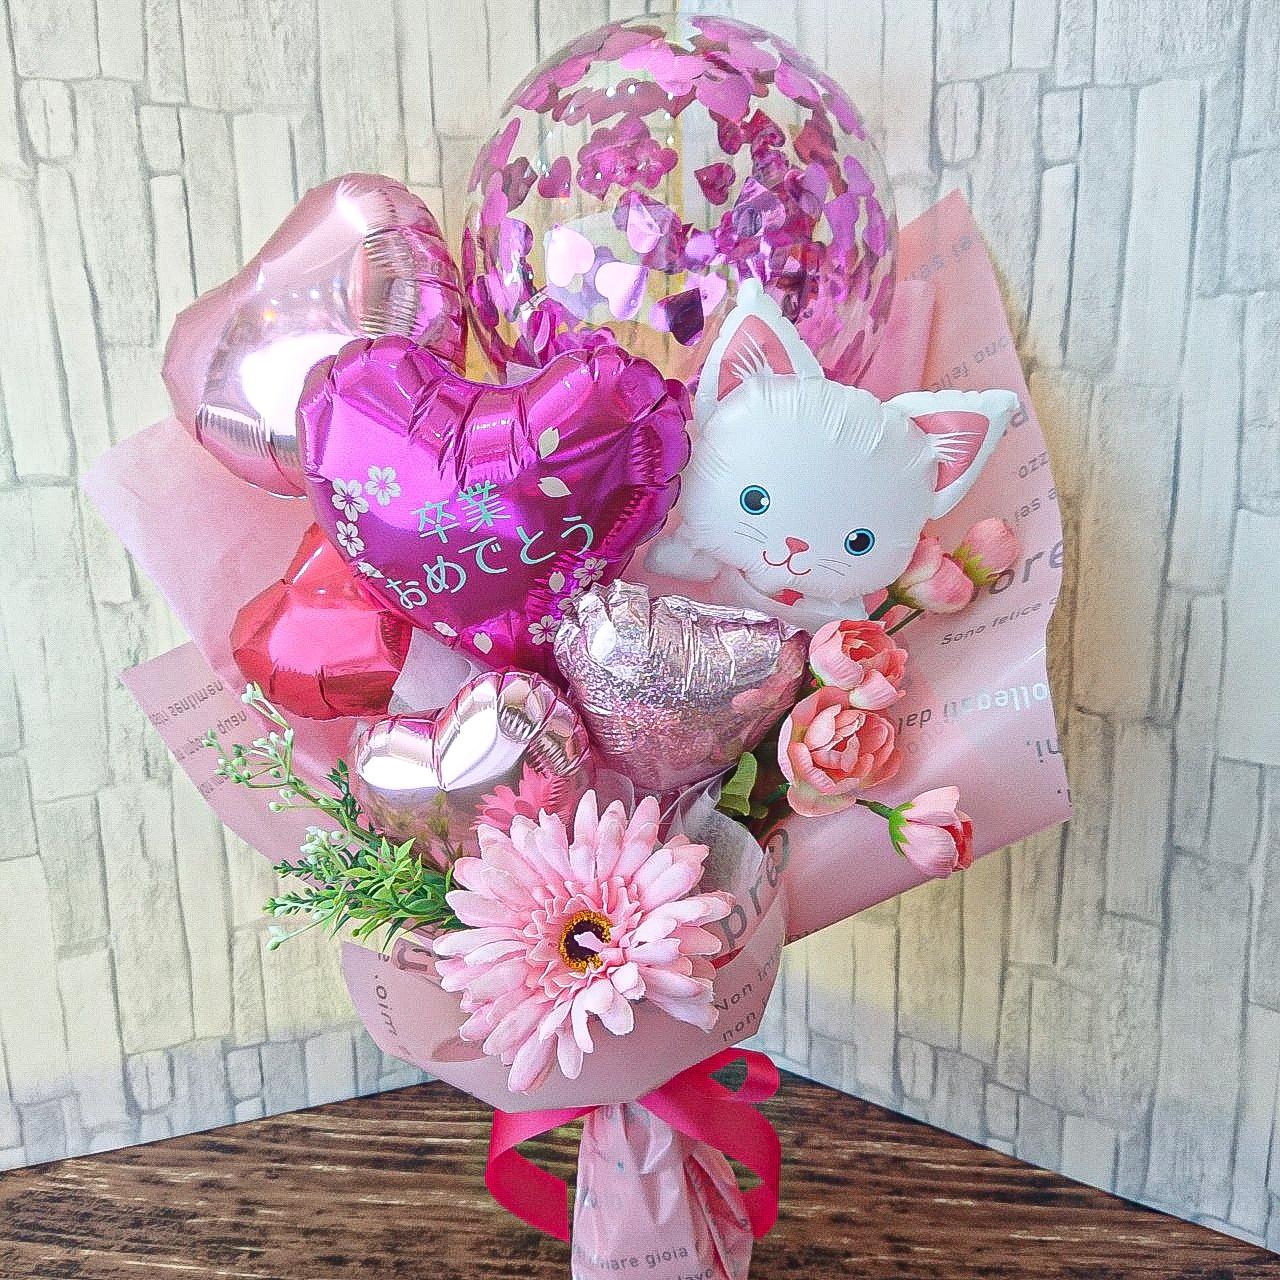 卒業おめでとうのプレゼント 花束タイプバルーン 「卒業おめでとうだニャン!! 愛猫家向けのギフトです」 sp0039